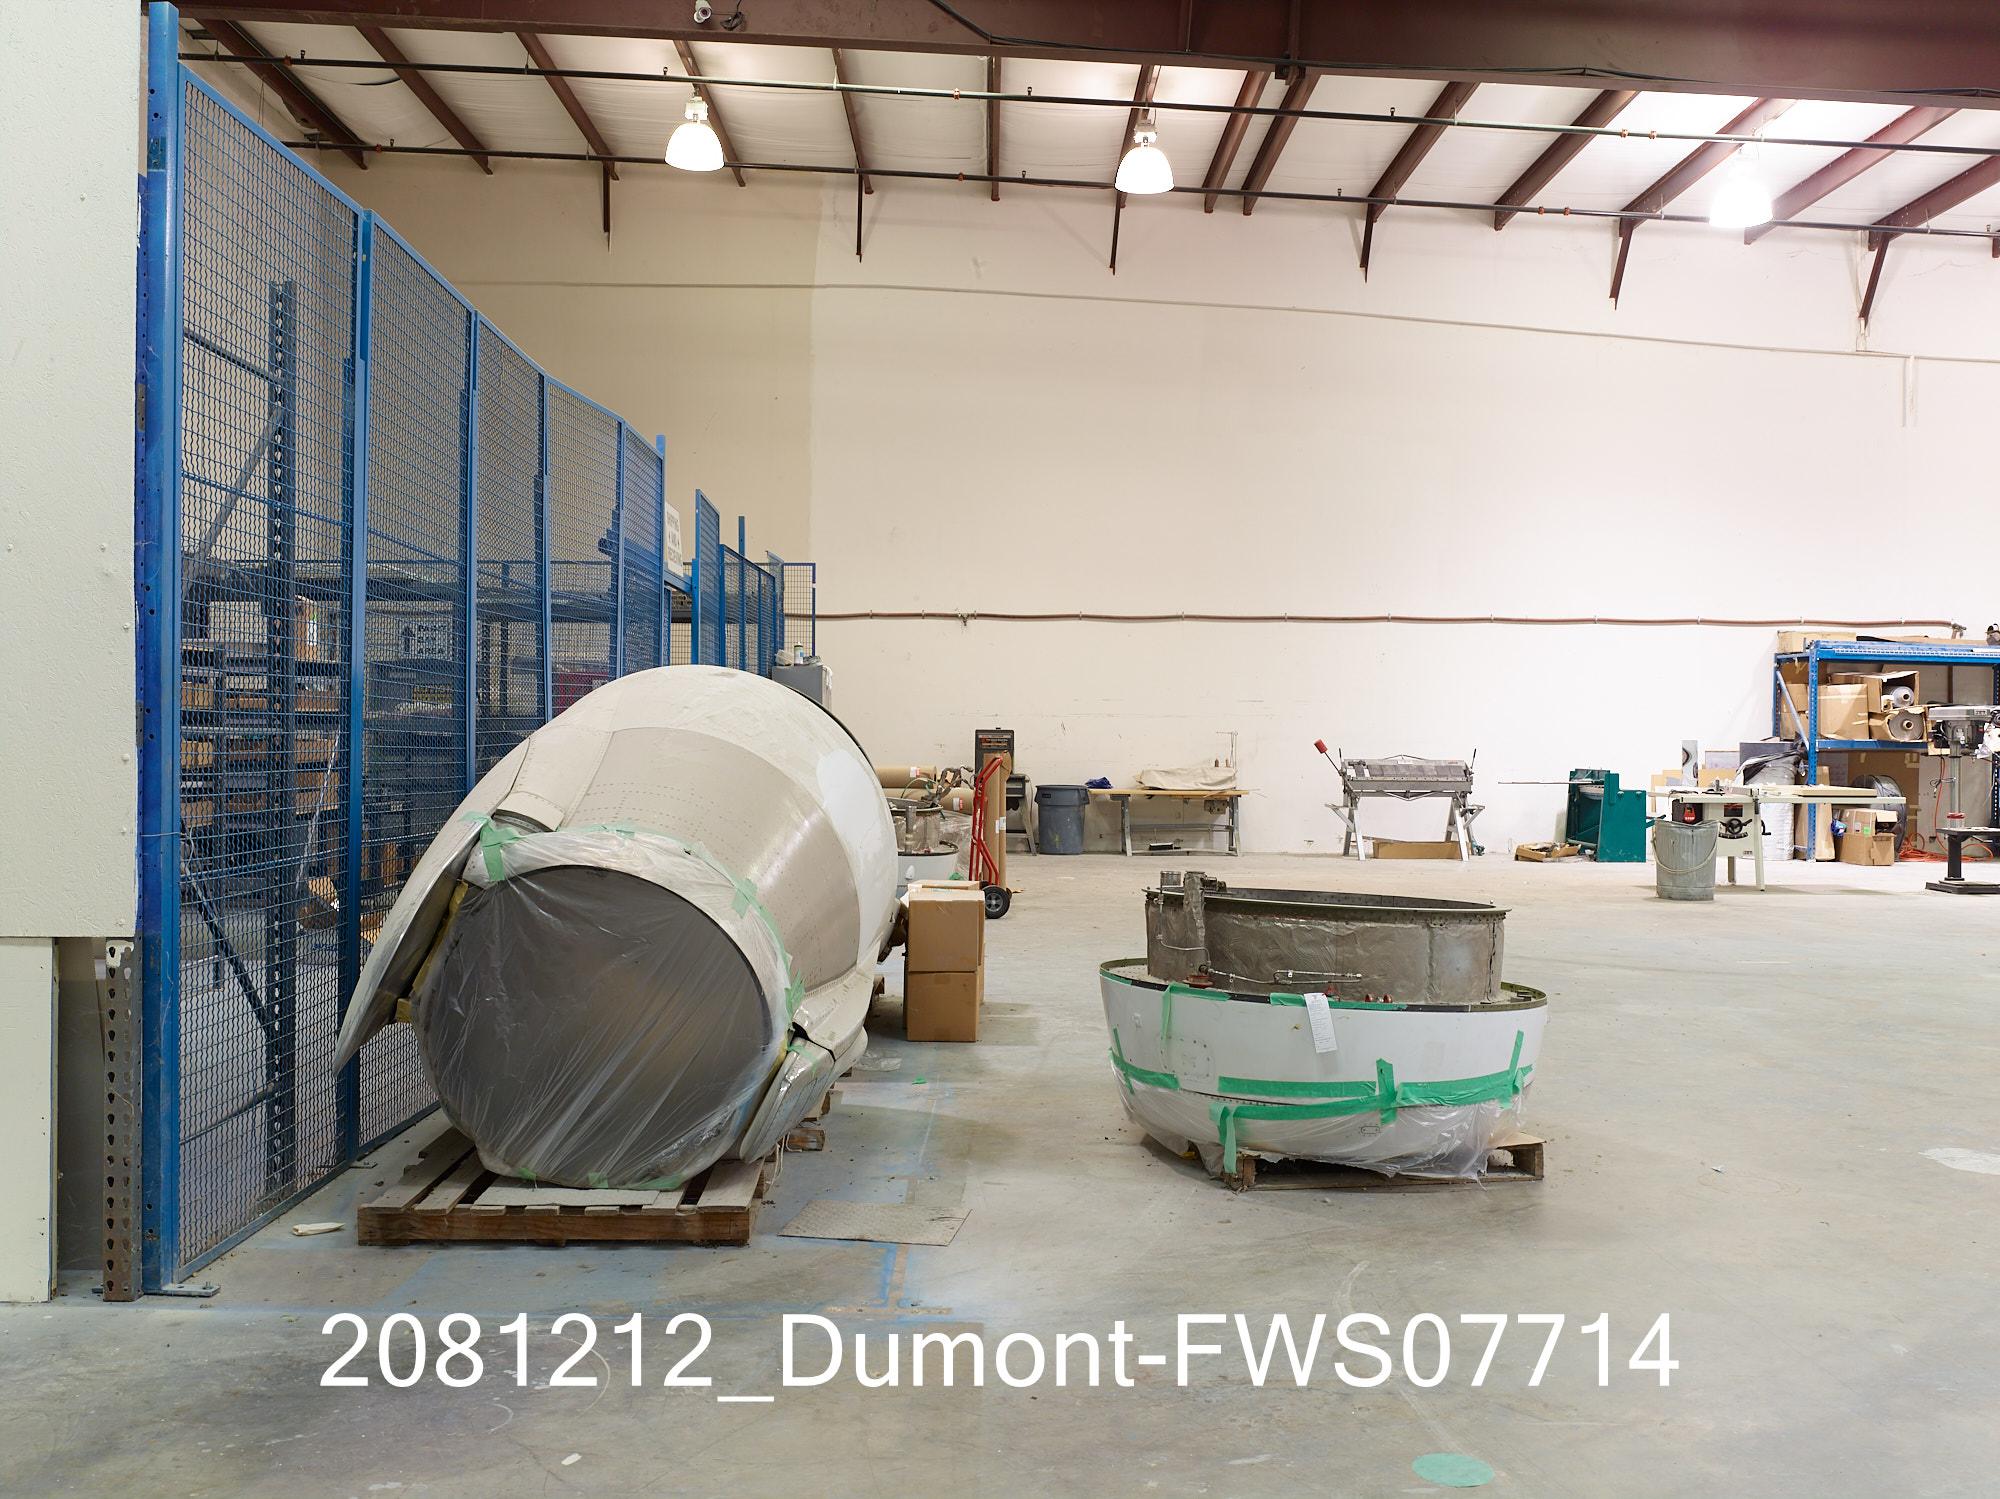 2081212_Dumont-FWS07714.jpg